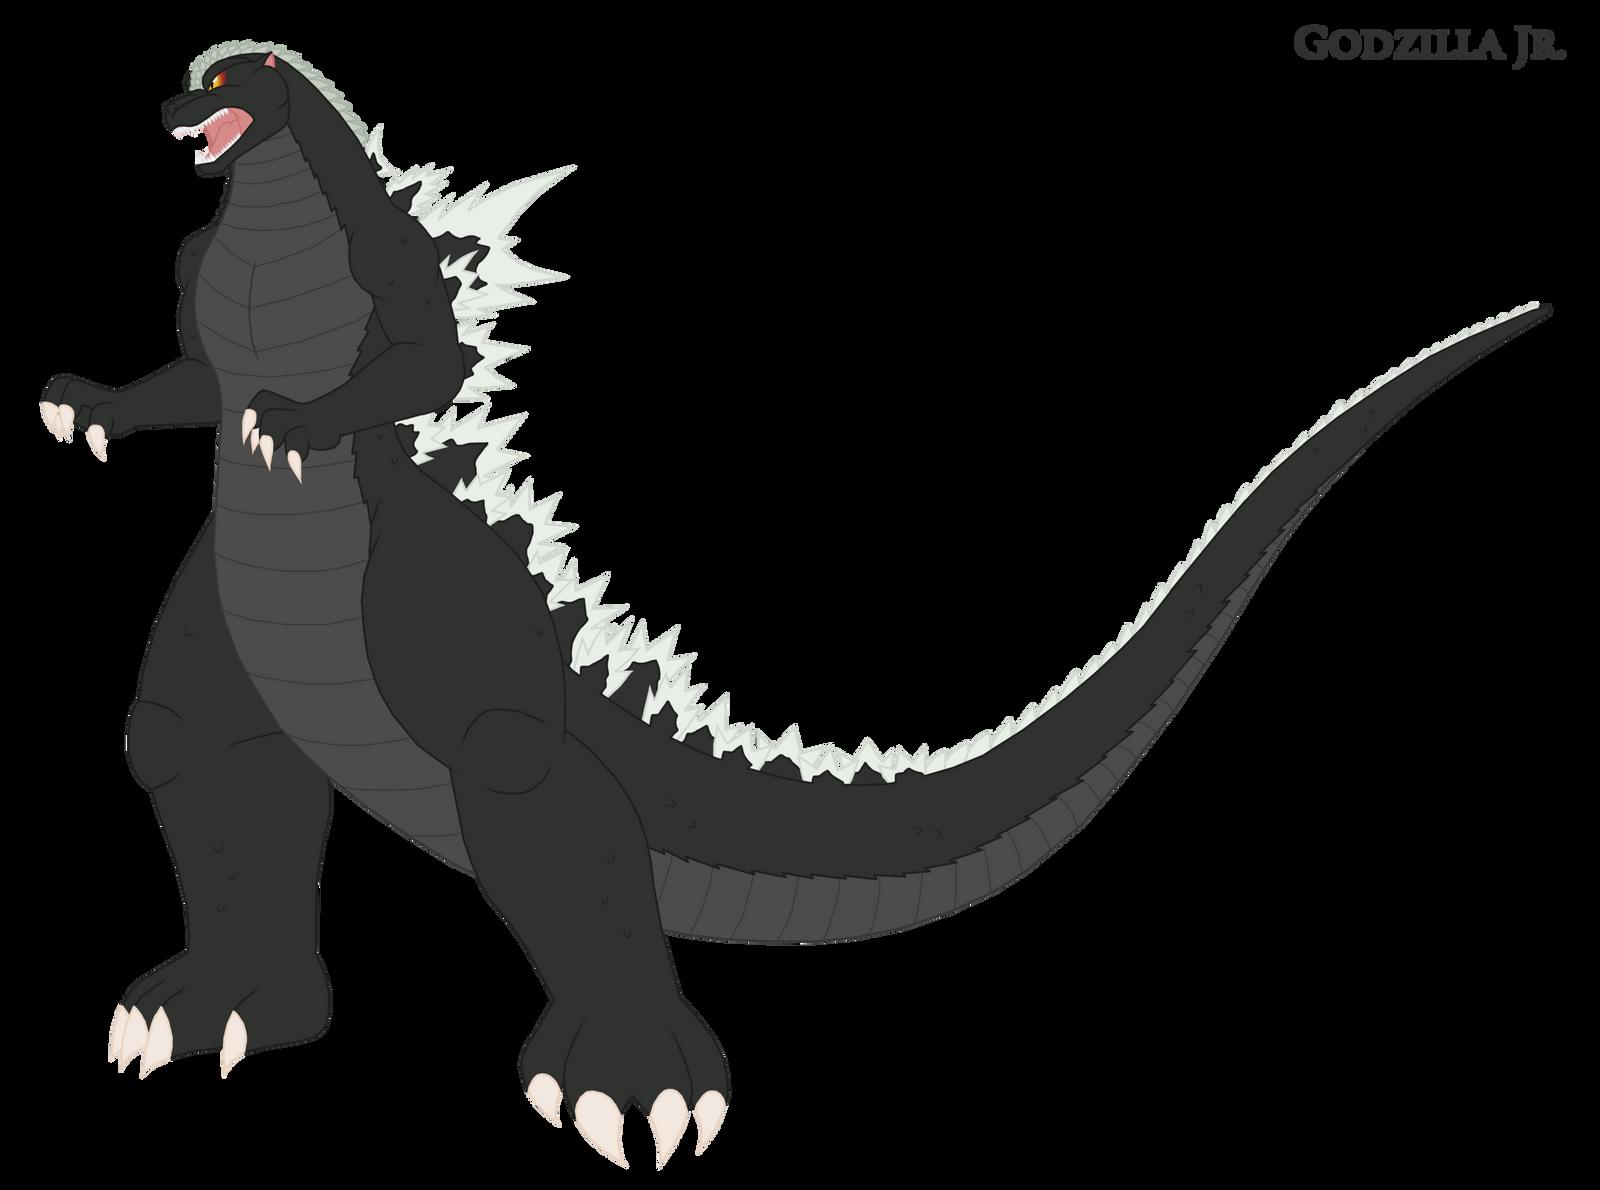 Godzilla Junior Final Wars Design By Pyrus Leonidas On DeviantArt